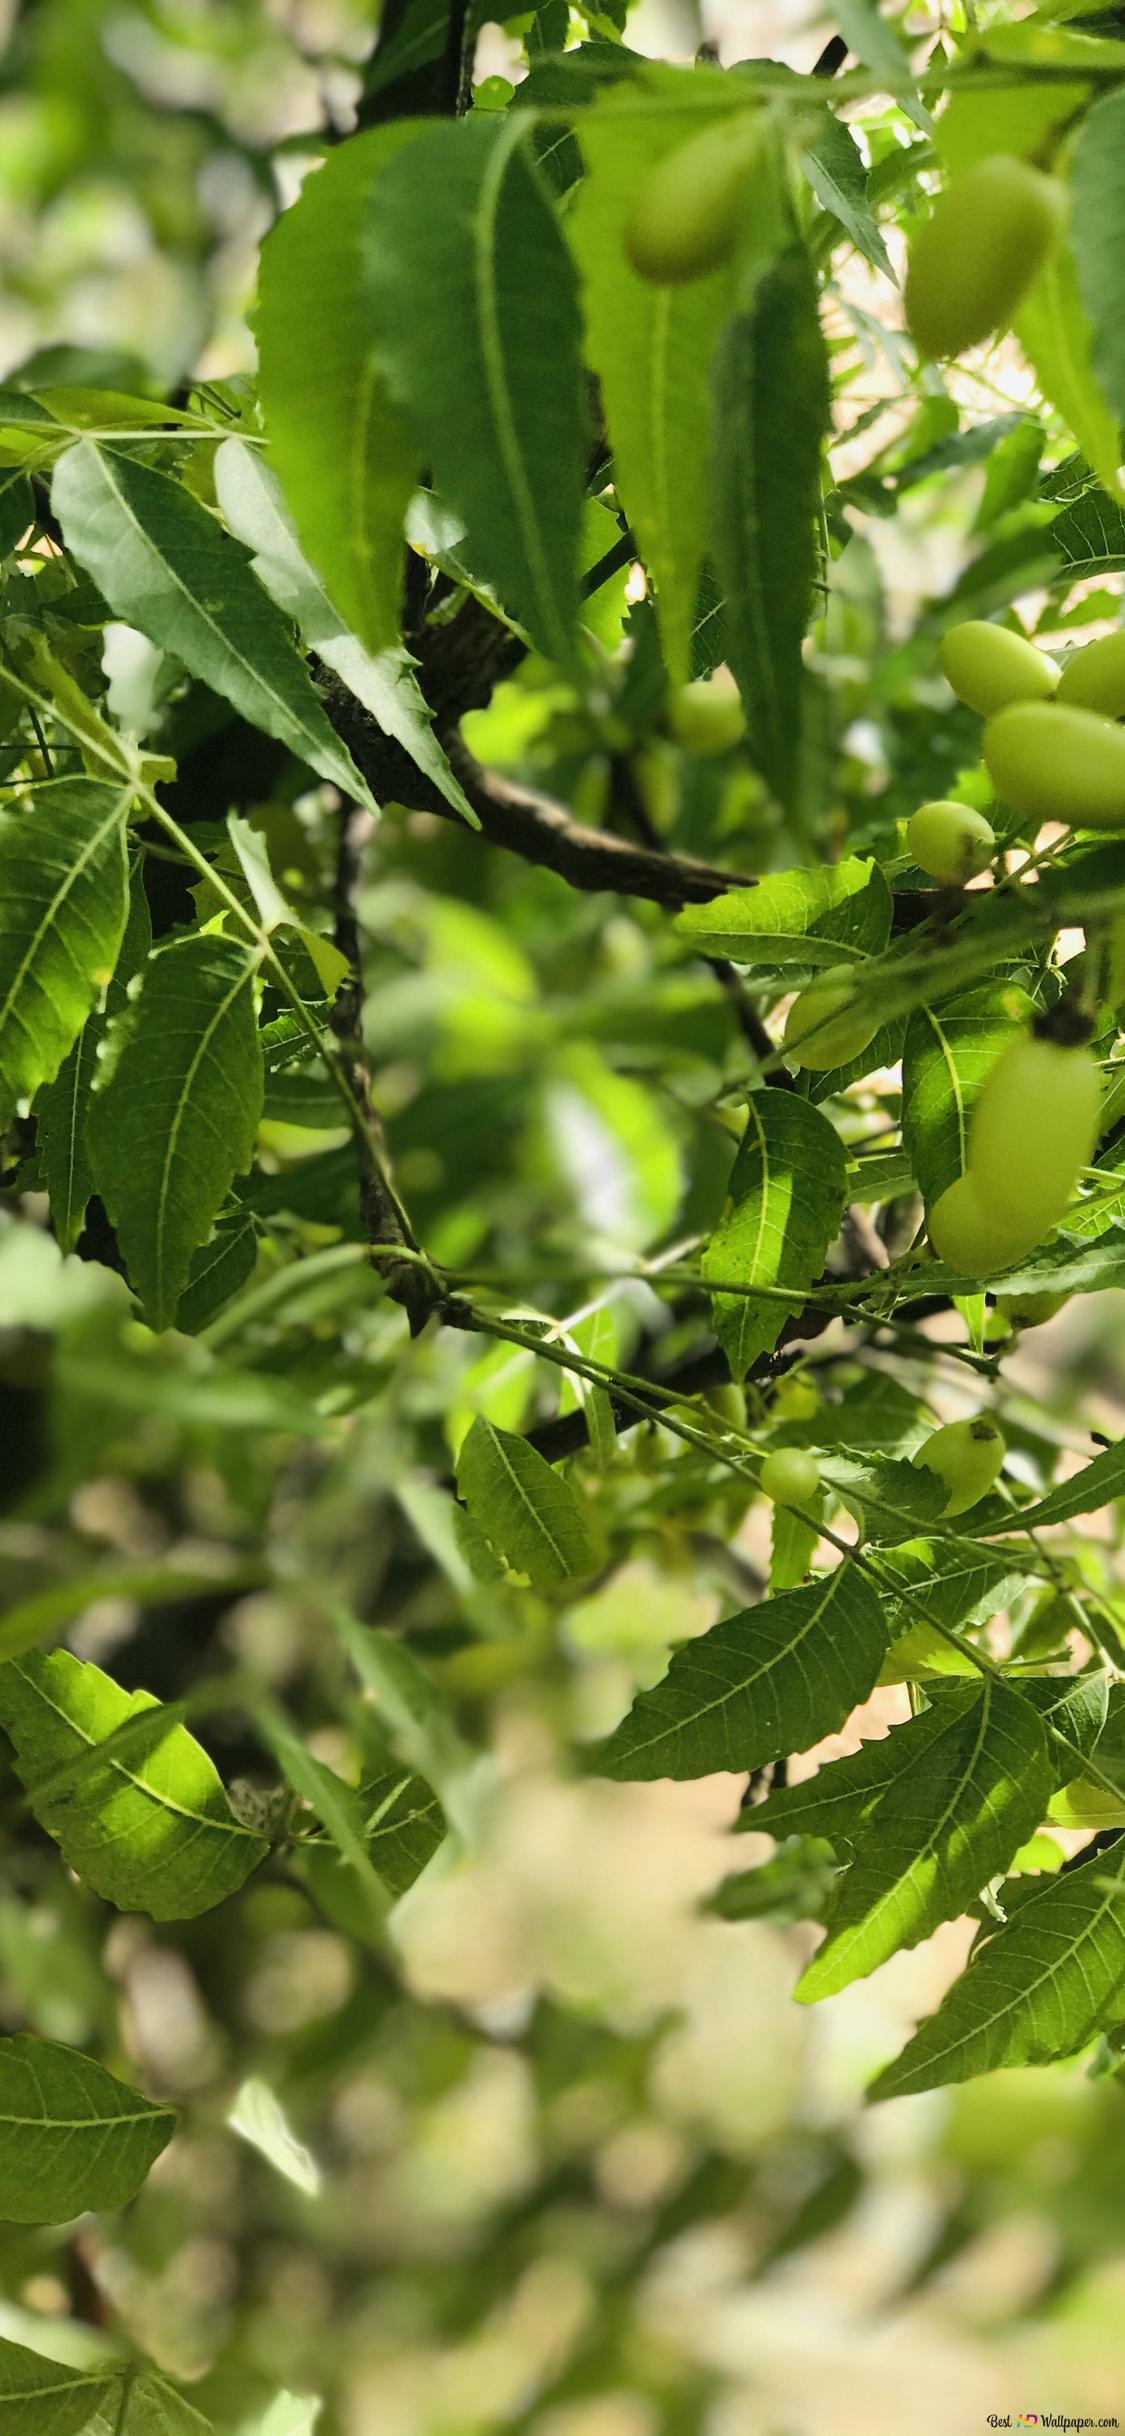 daun dengan buah buahan wallpaper 1125x2436 54879 215